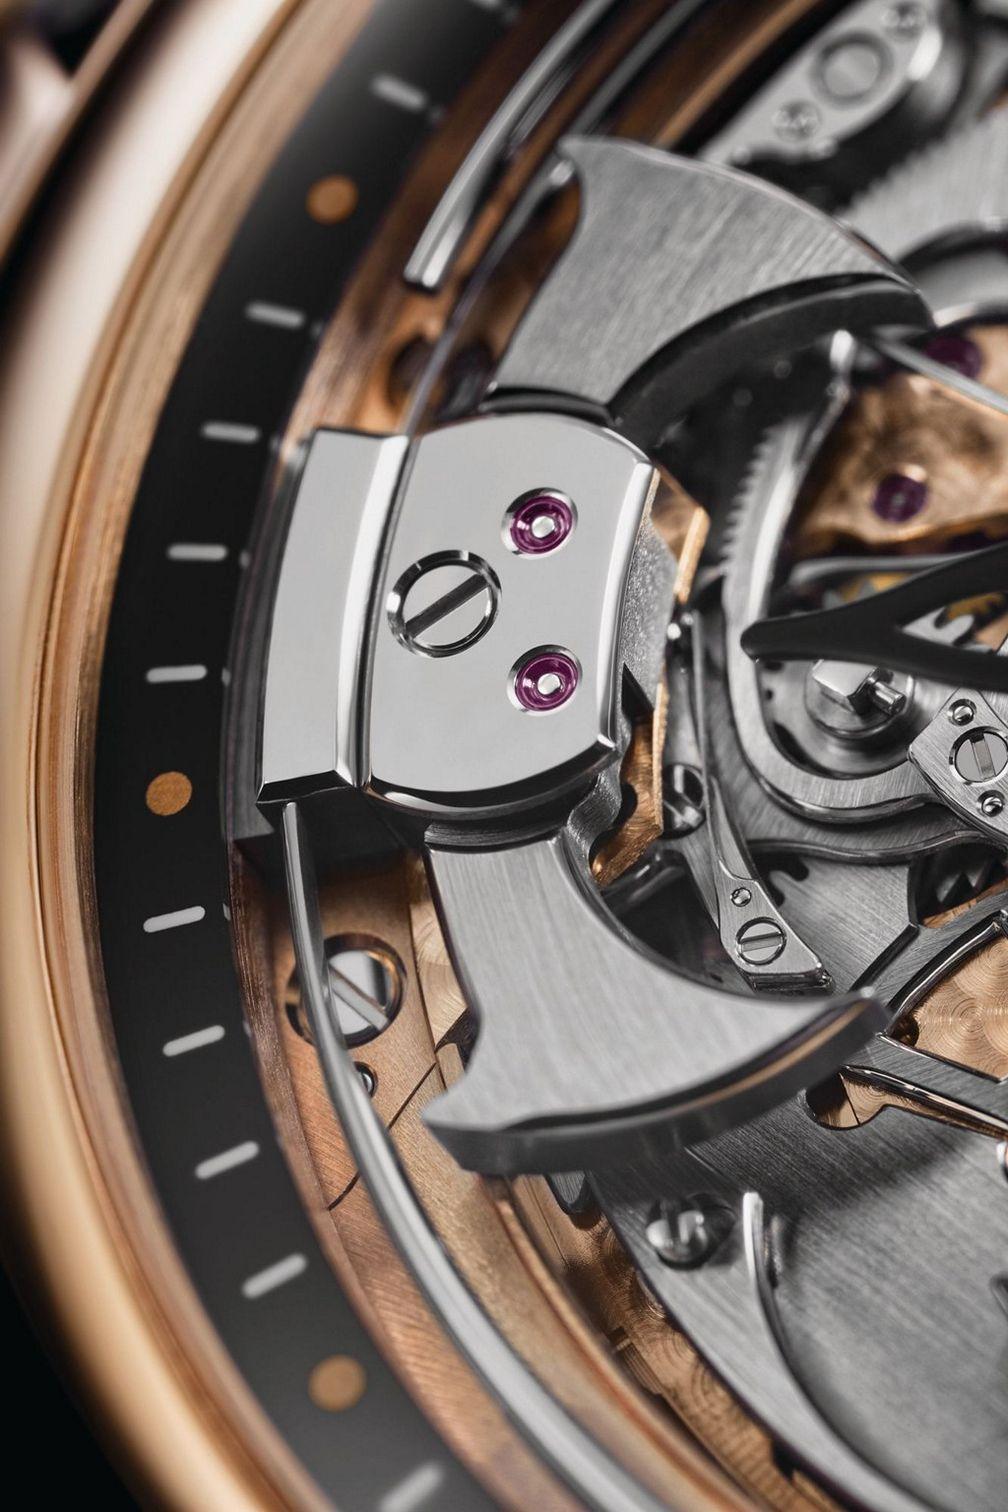 Minute Repeater Tourbillon Ref 5303R-001 от Patek Philippe